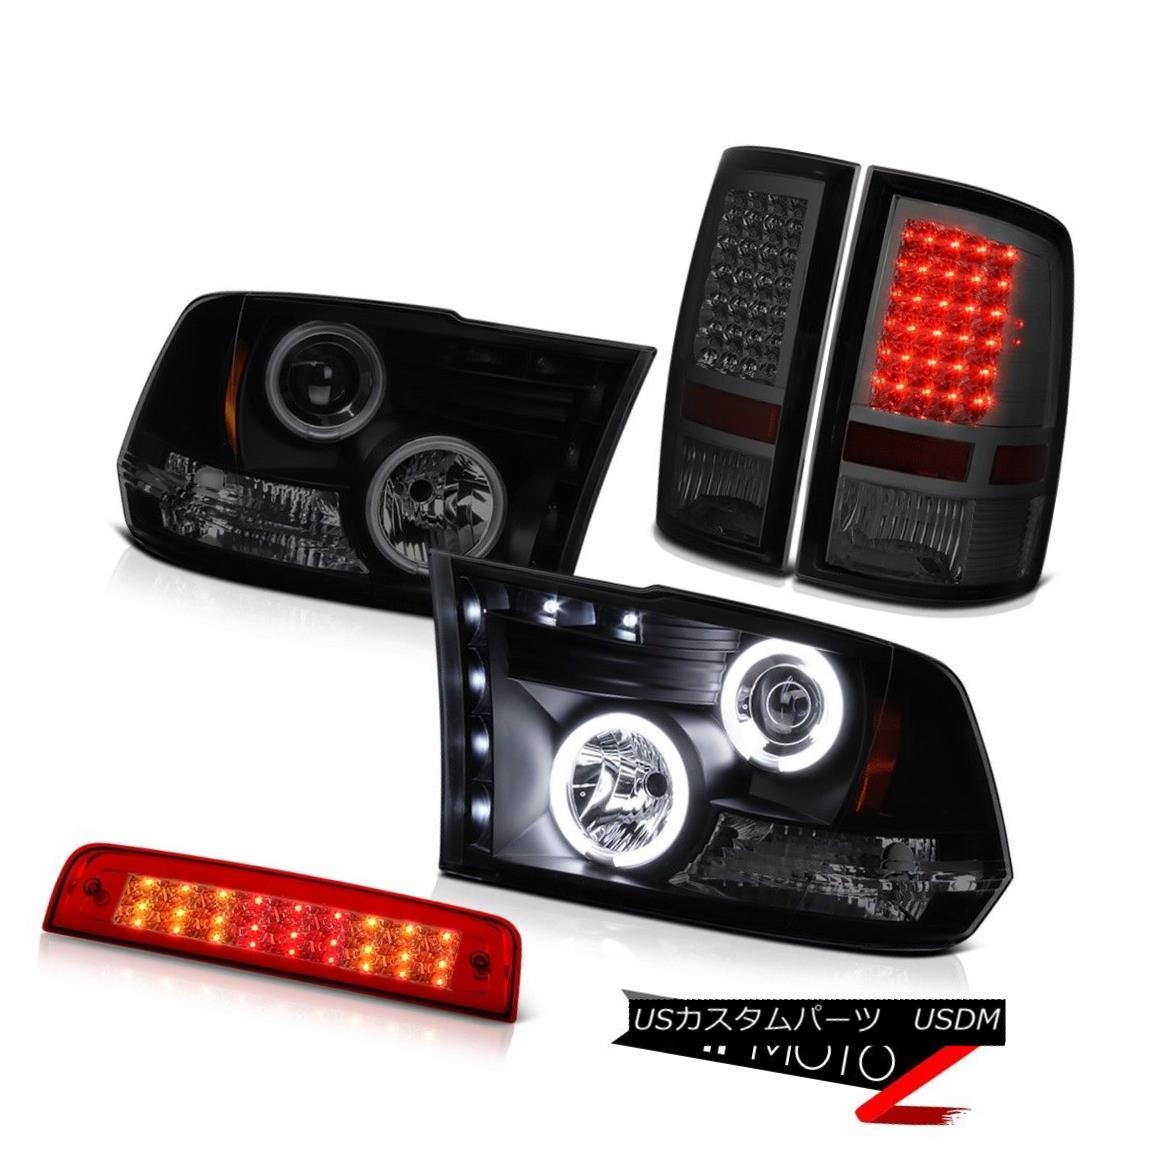 ヘッドライト 2010-2018 Ram 3500 6.7L Wine Red Third Brake Lamp Tail Lights Headlights NeweST 2010-2018 Ram 3500 6.7Lワインレッド第3ブレーキランプテールライトヘッドライトNeweST